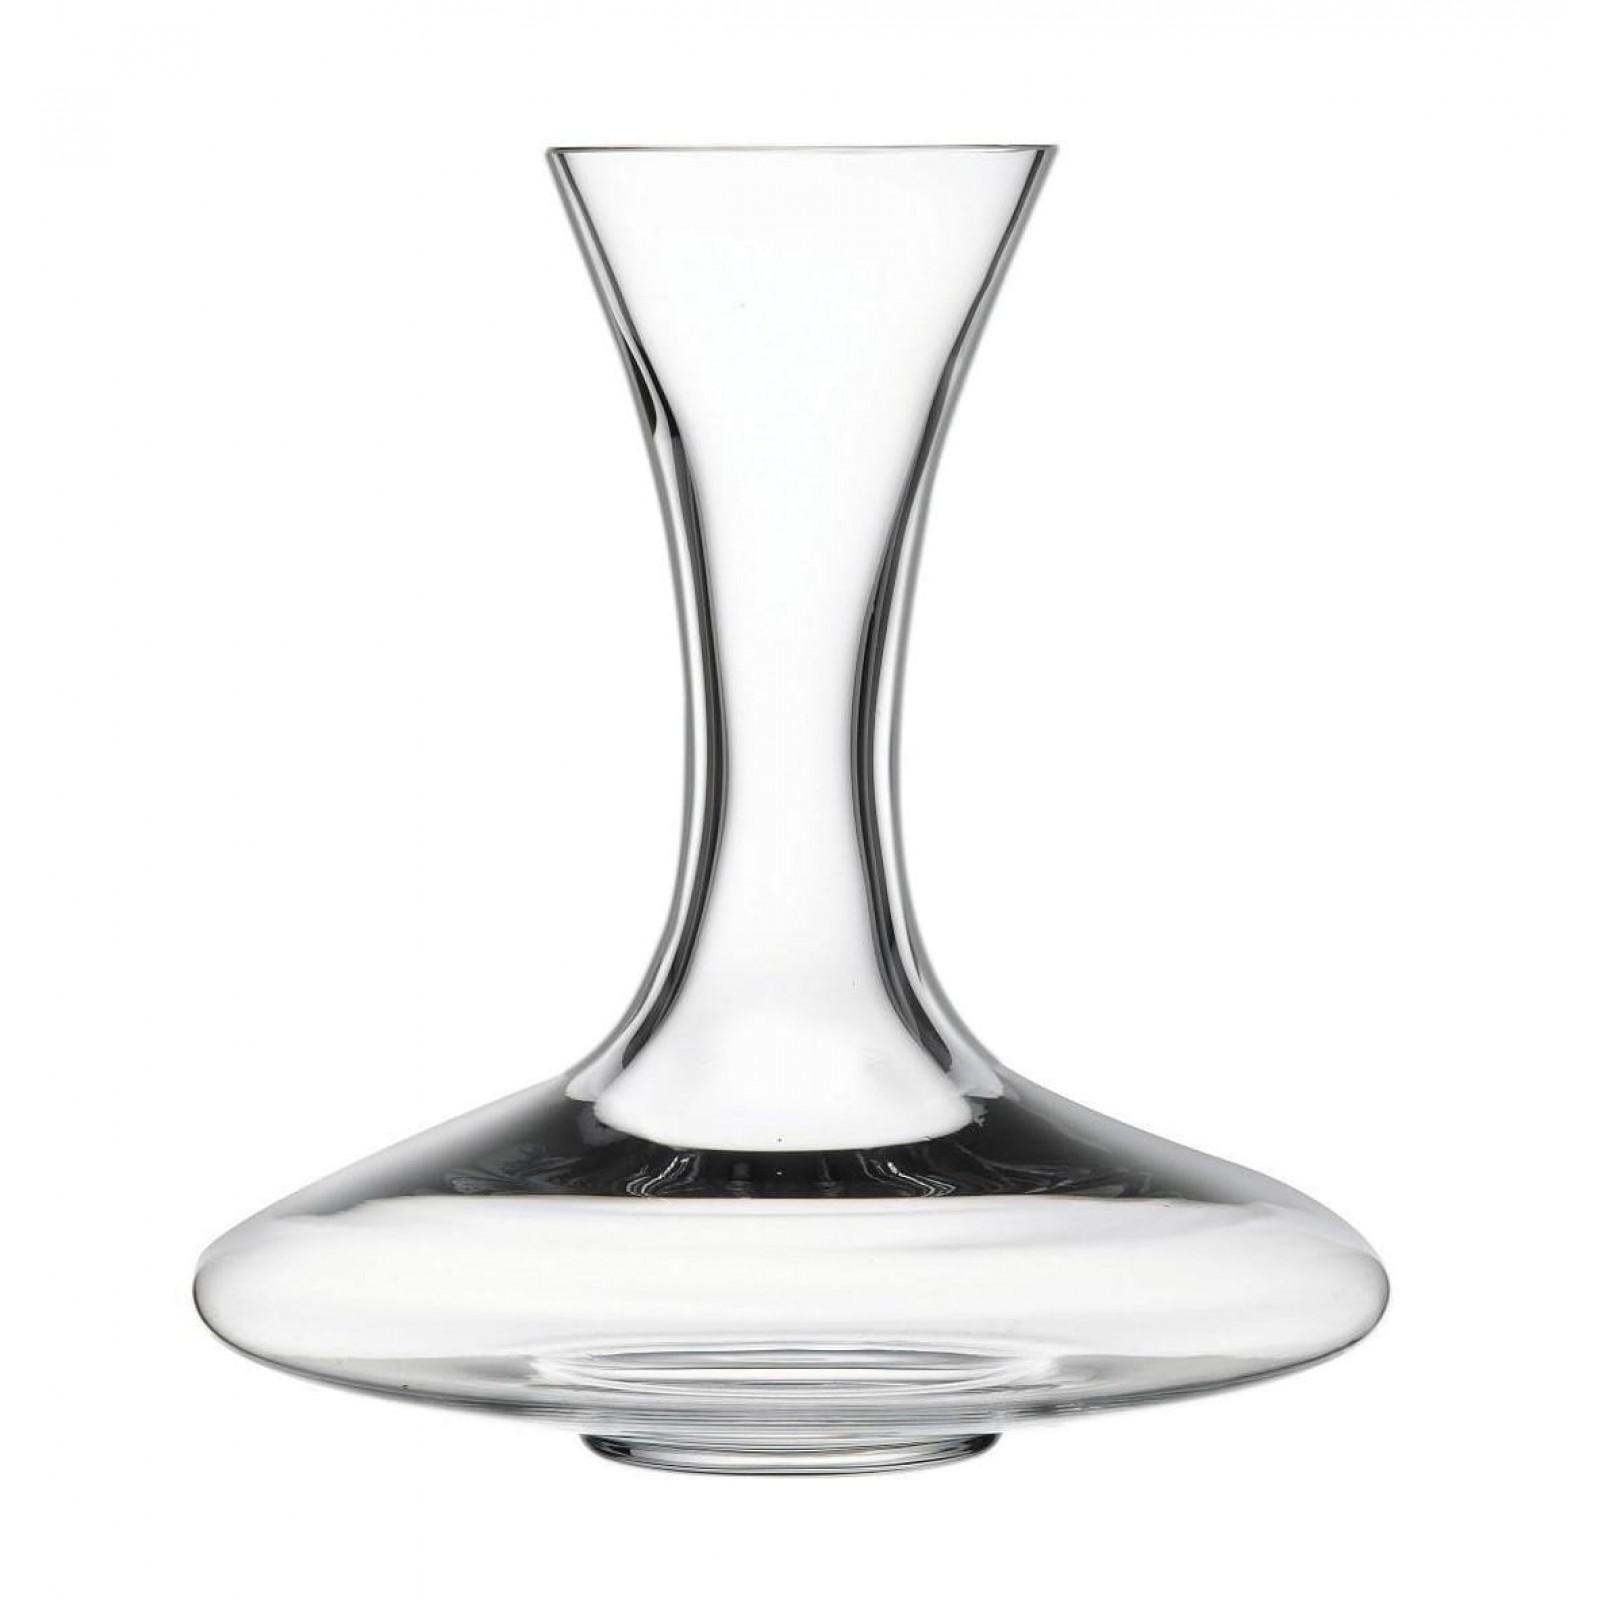 Καράφα Κρασιού Vini 750 ml - Nude Glass